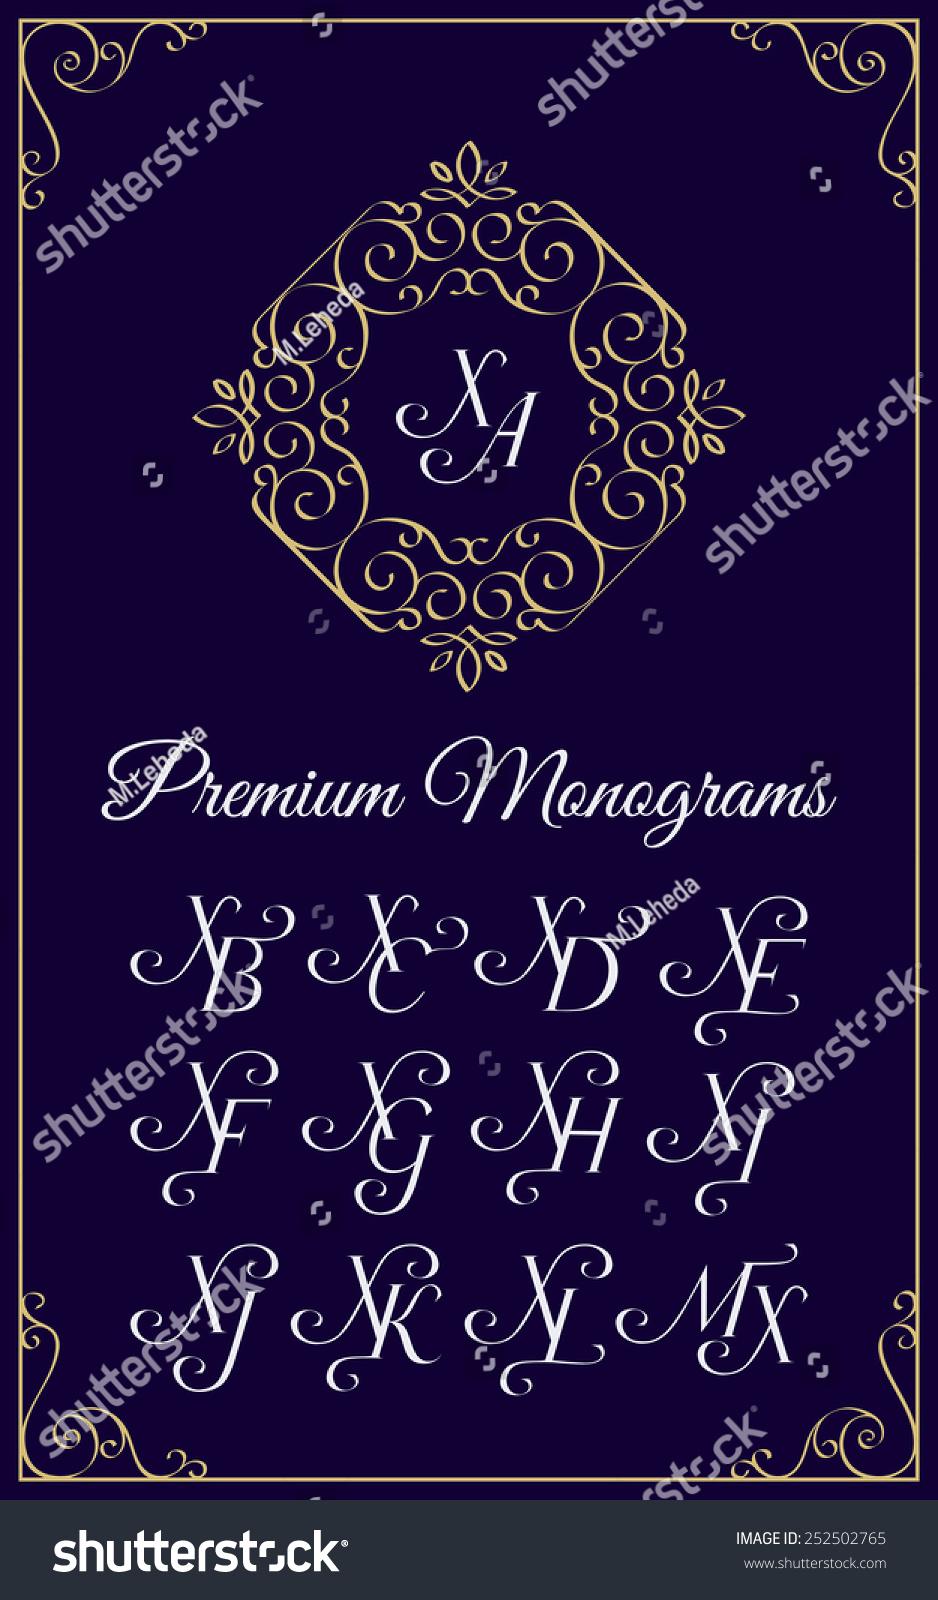 的大寫字母的字母組合設計模板組合xa